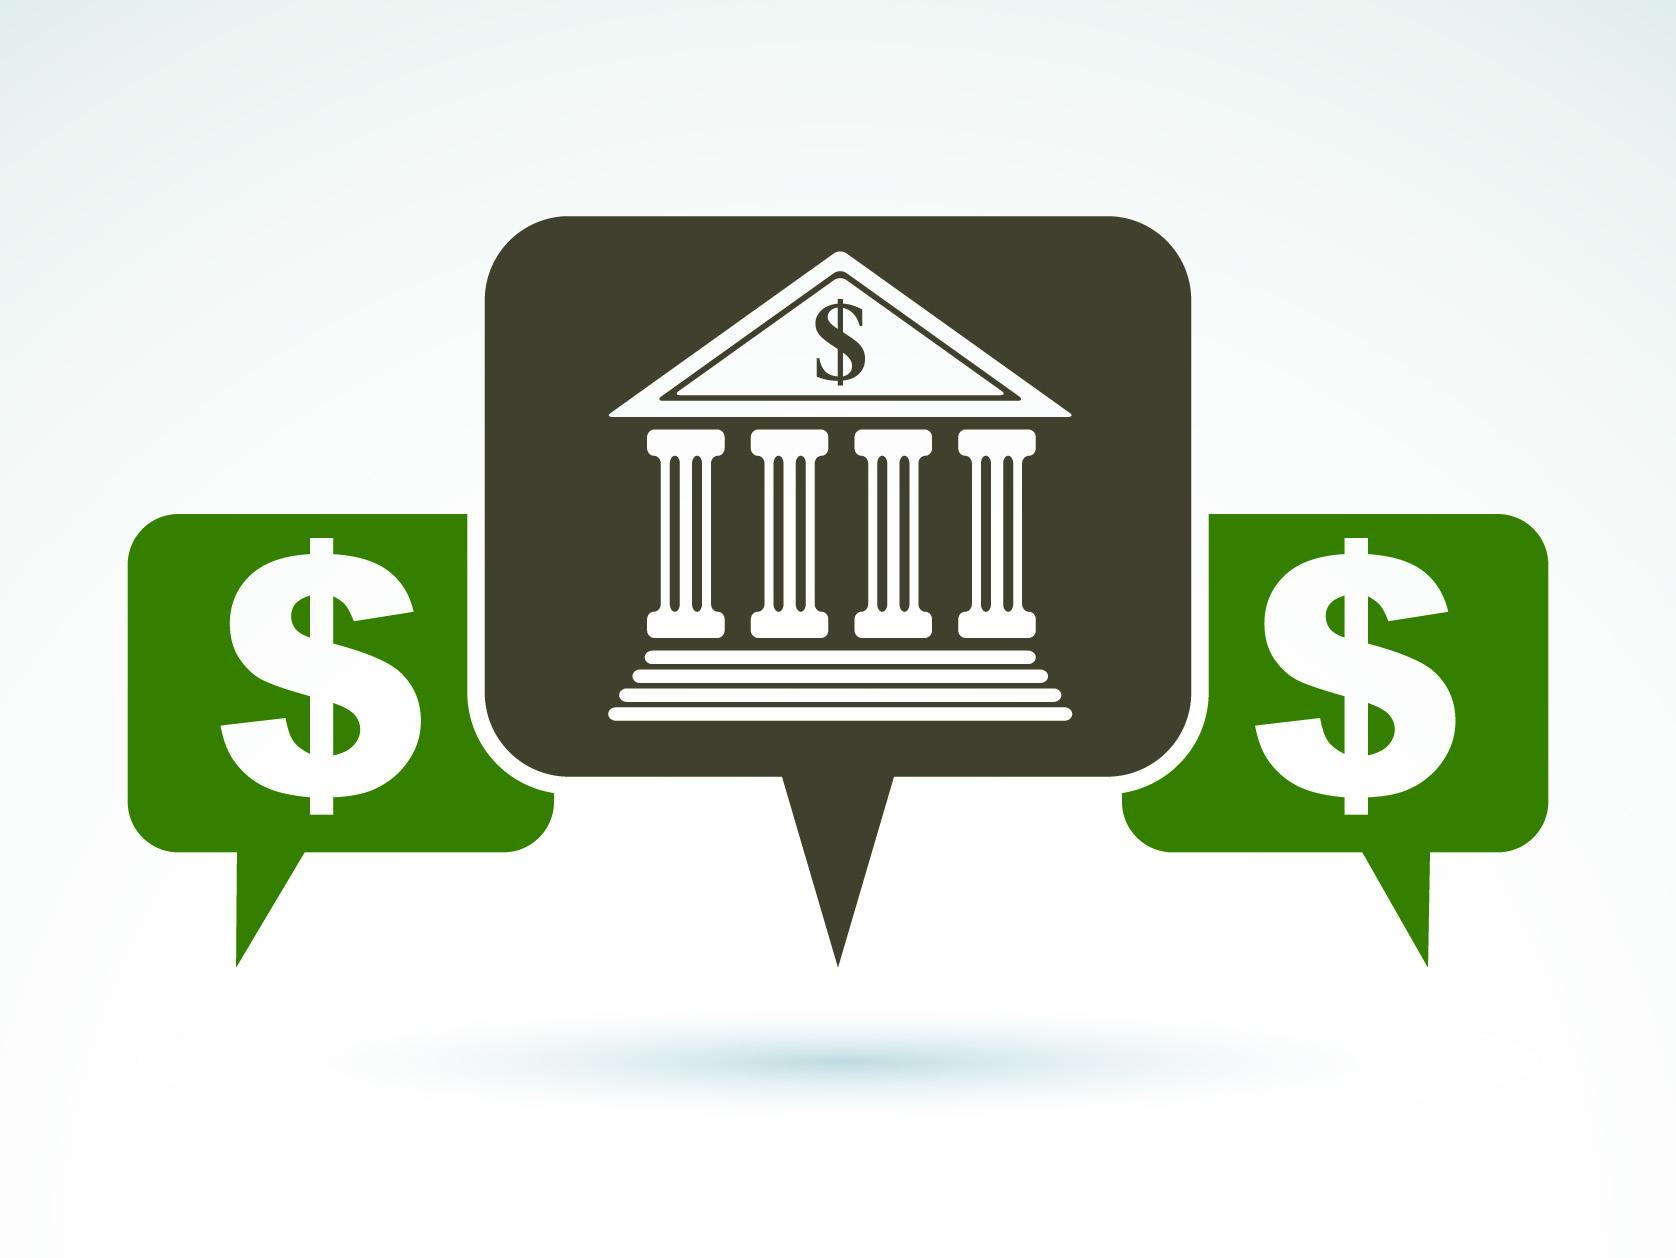 Banks vs Nonbanks